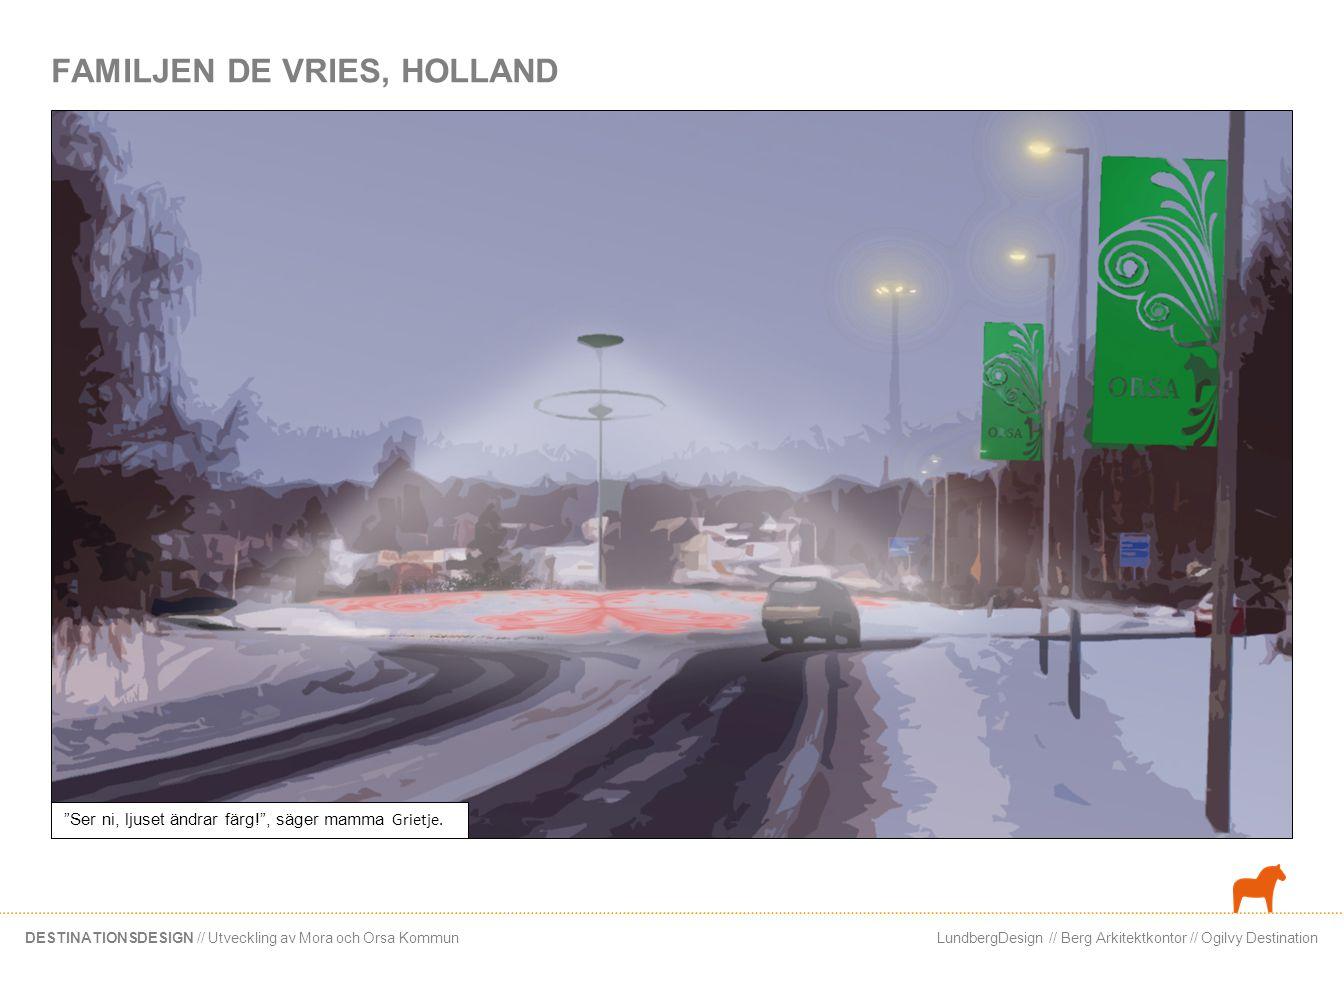 LundbergDesign // Berg Arkitektkontor // Ogilvy DestinationDESTINATIONSDESIGN // Utveckling av Mora och Orsa Kommun FAMILJEN DE VRIES, HOLLAND Vad vackert, nu byter det färg igen.